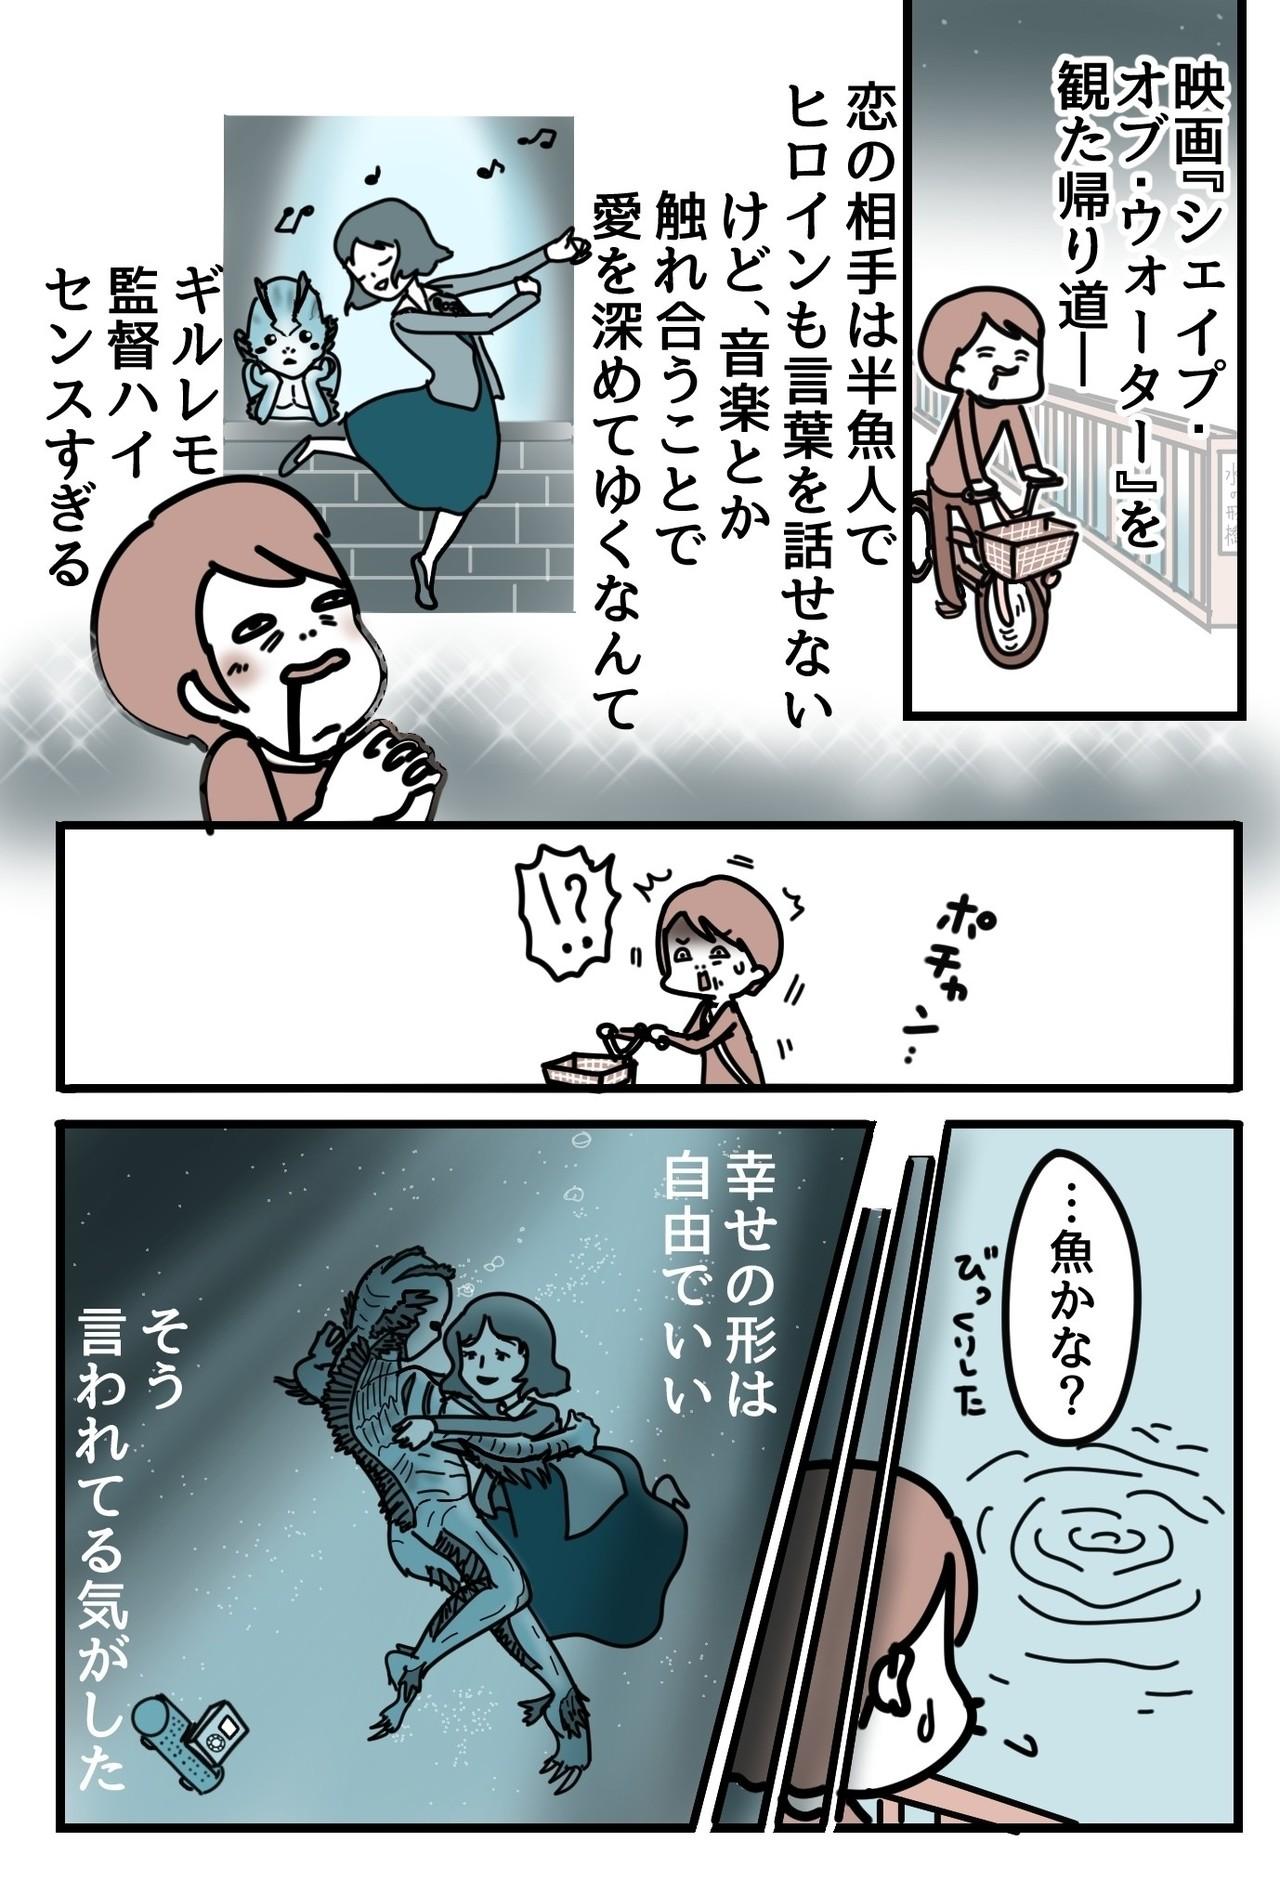 映画_シェイプ_オブ_ウォーター_